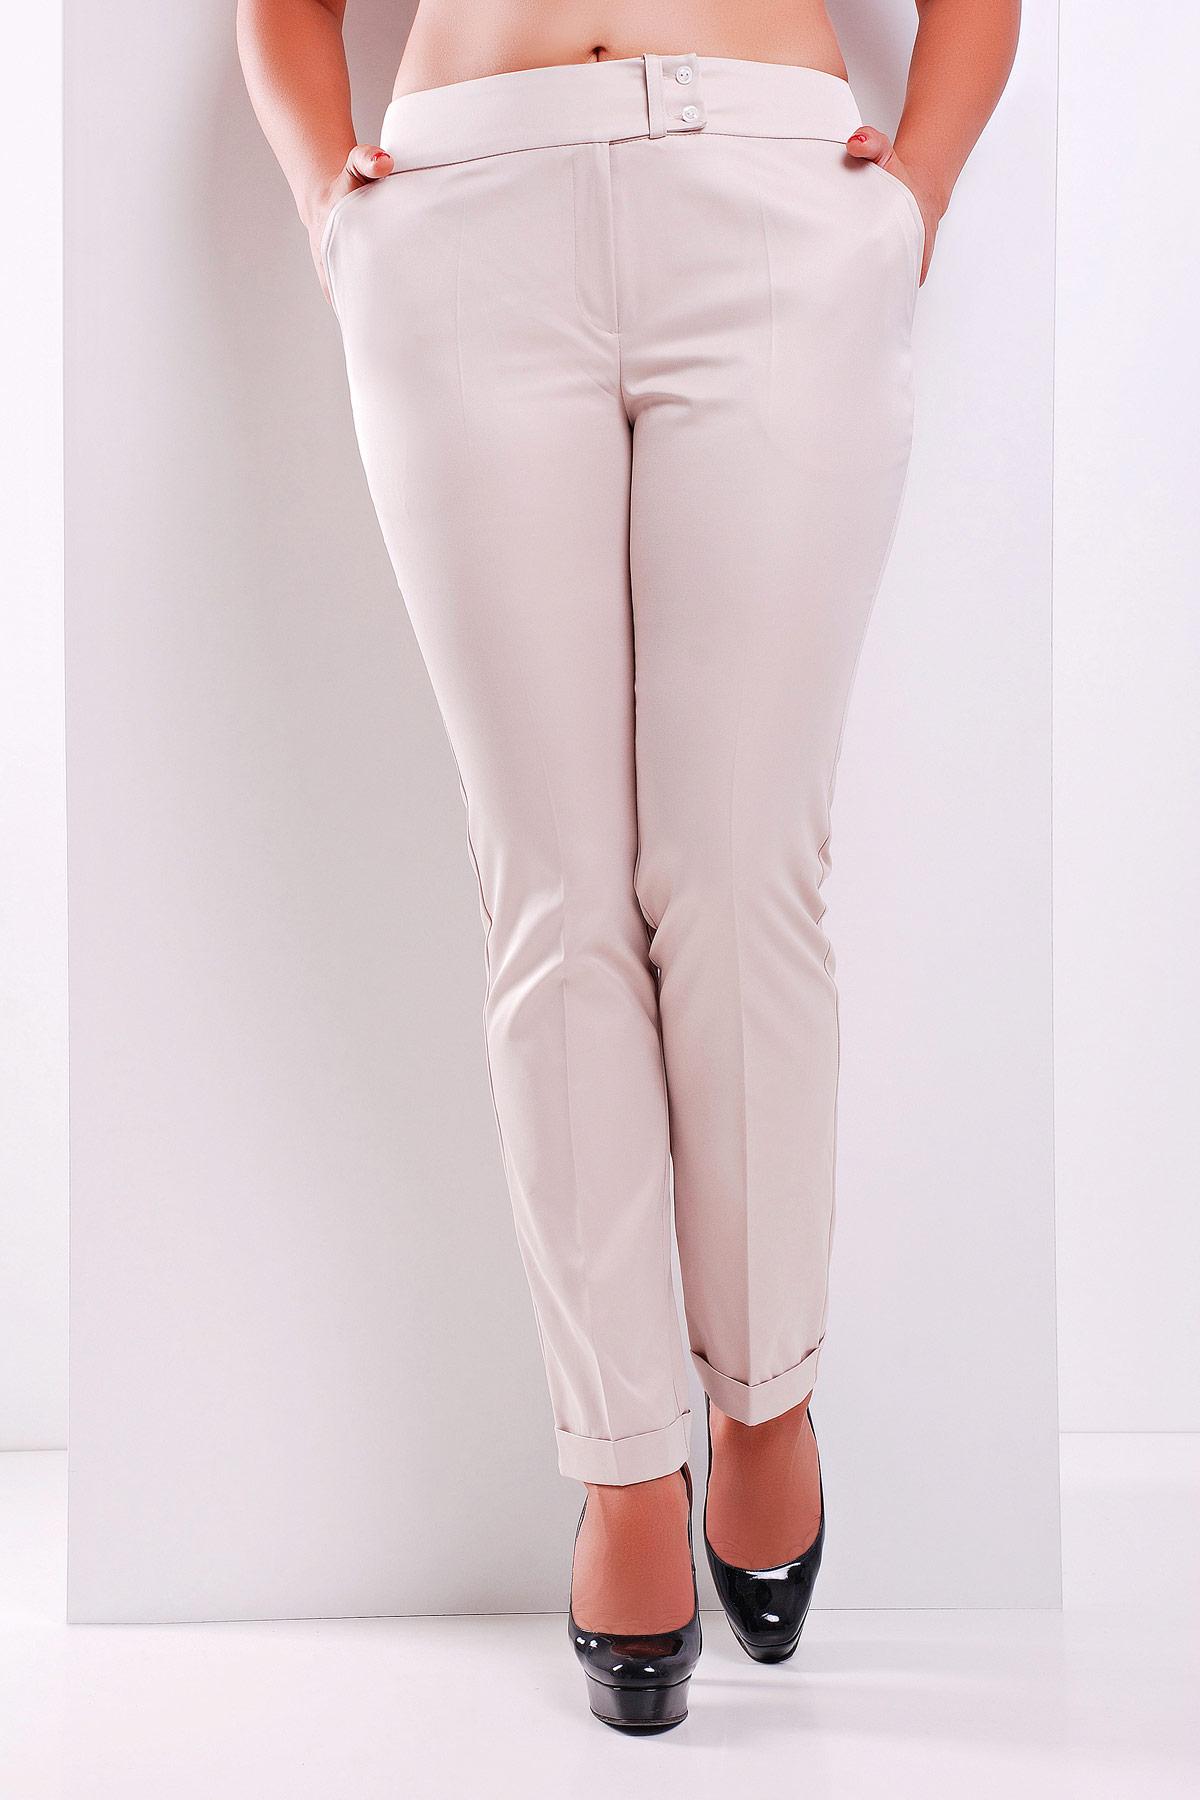 02d5f22551d женские светлые брюки больших размеров. брюки Хилори-Б. Цвет  св. бежевый